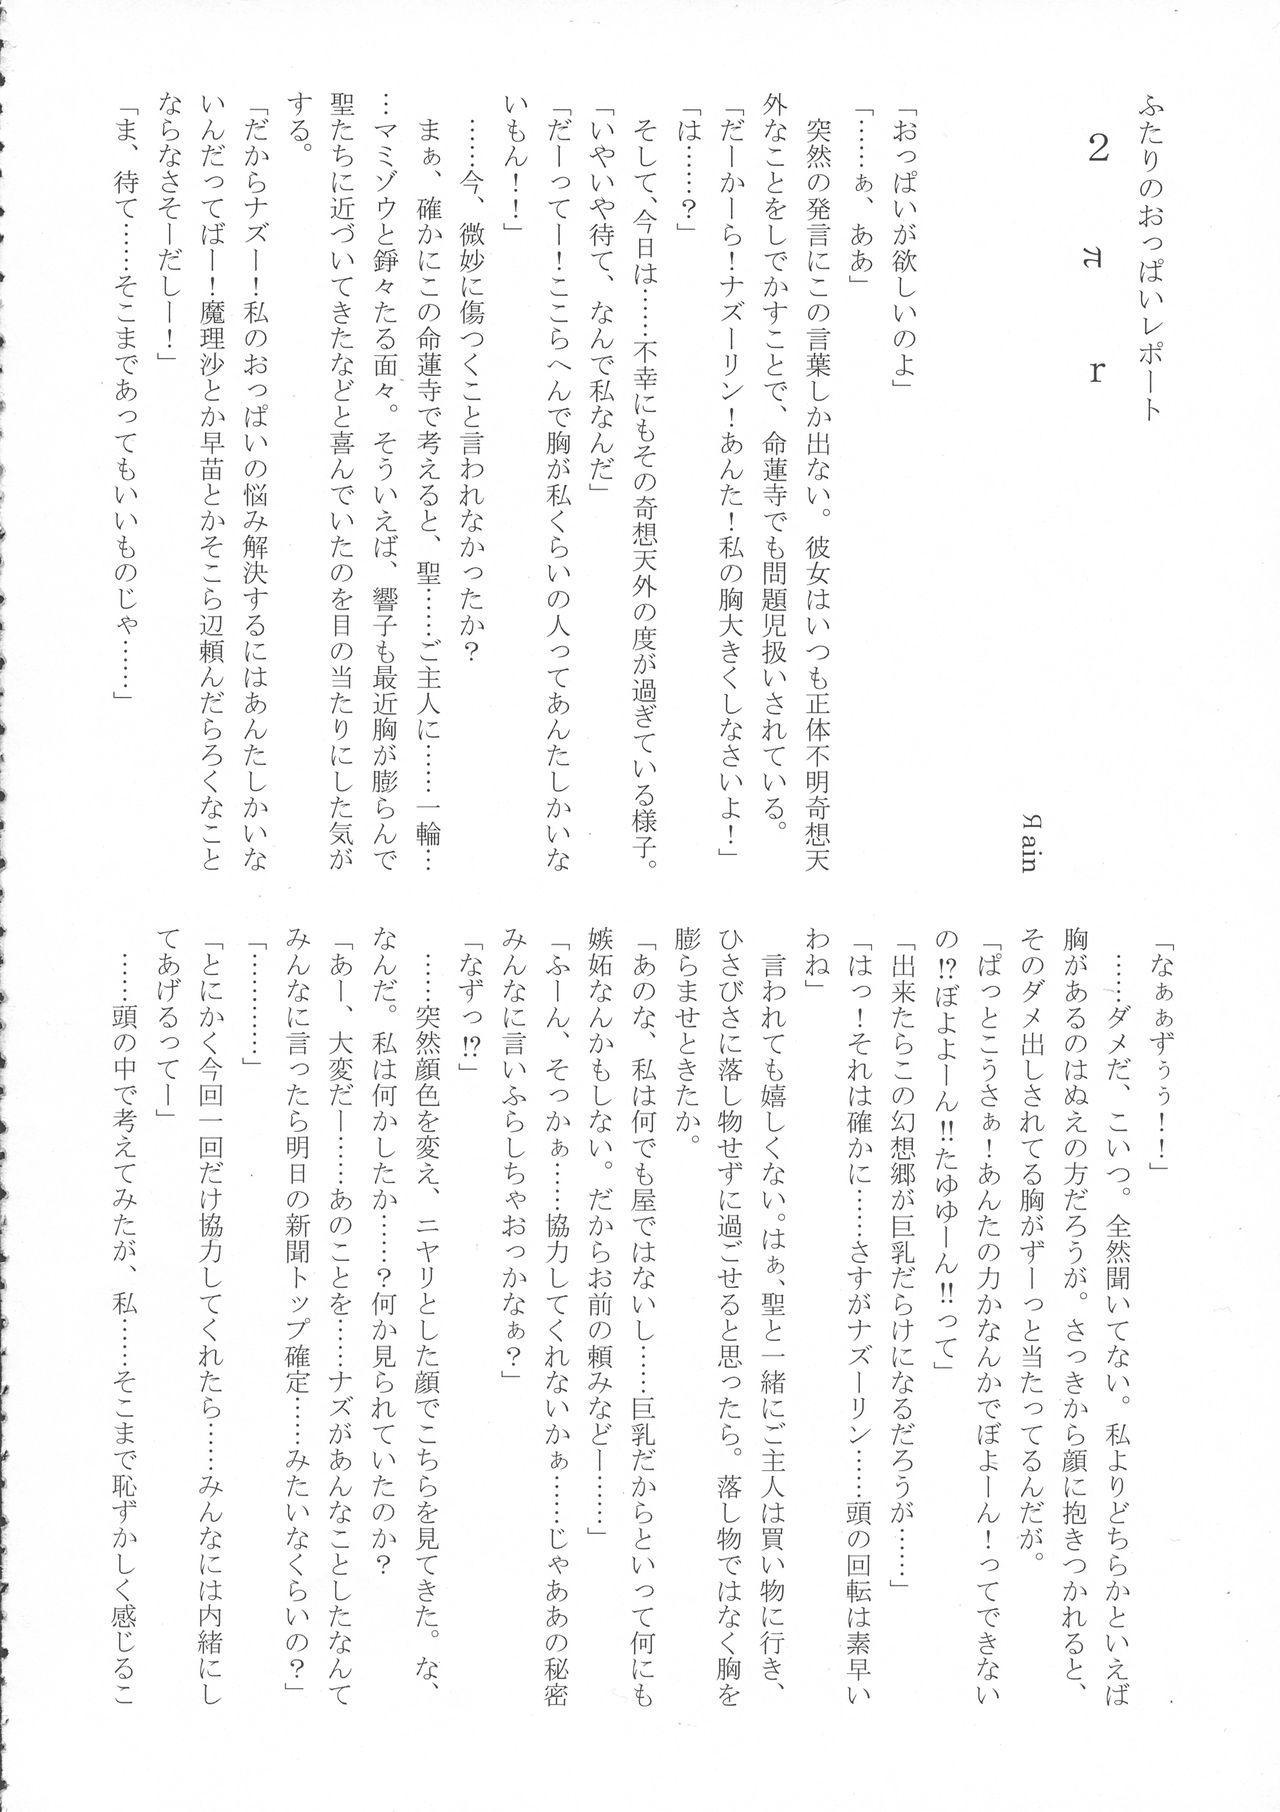 (Reitaisai 15) [HORIC WORKS (Various)] Touhou Bouchou-kei Sougou Goudou-shi `Boujo 2!!!!!!!!' (Touhou Project) 66